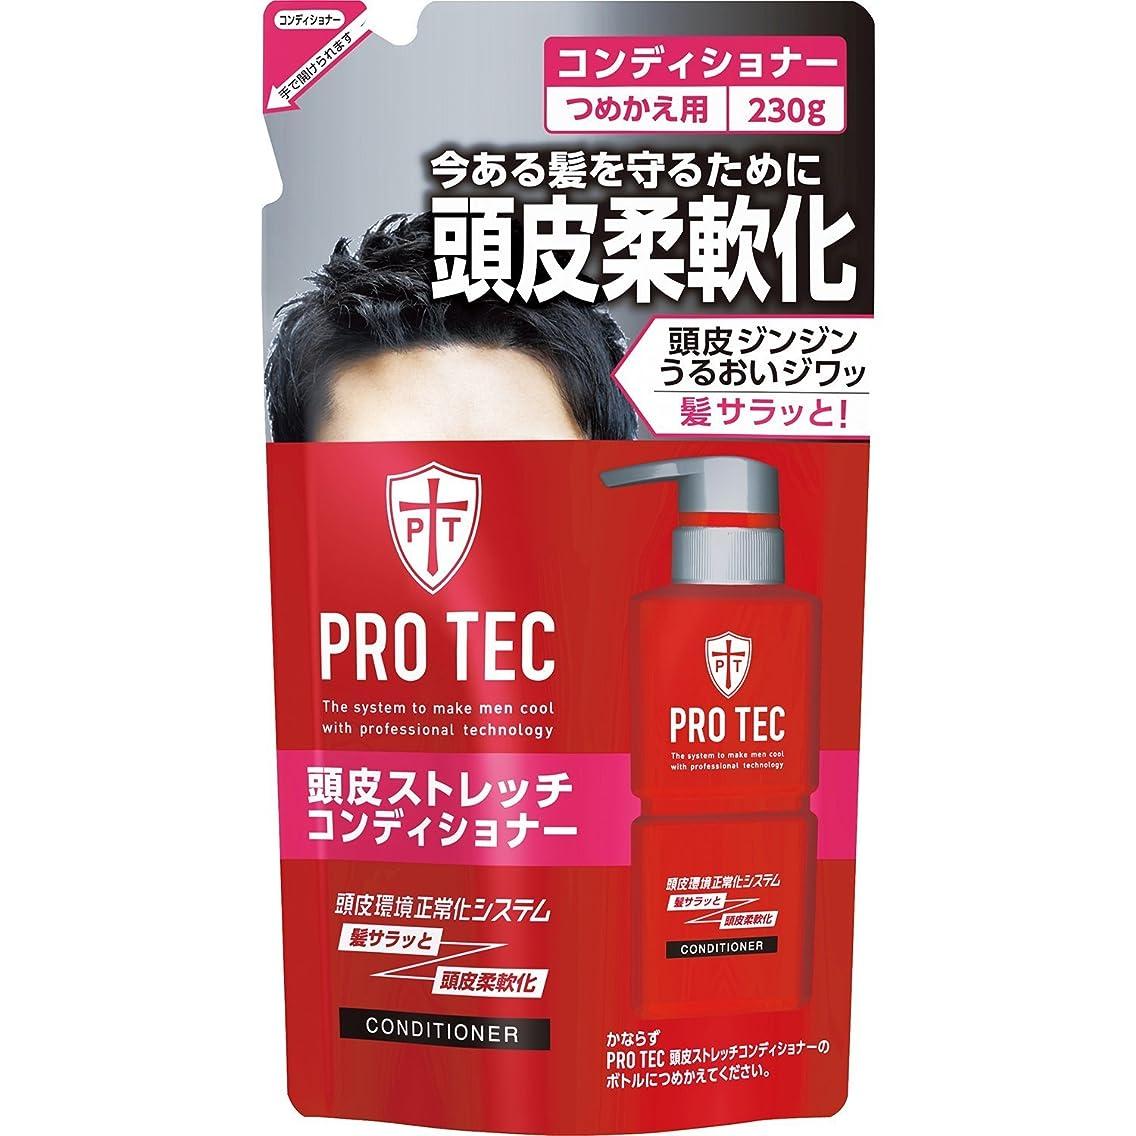 PRO TEC(プロテク) 頭皮ストレッチコンディショナー つめかえ用 230g ×10個セット